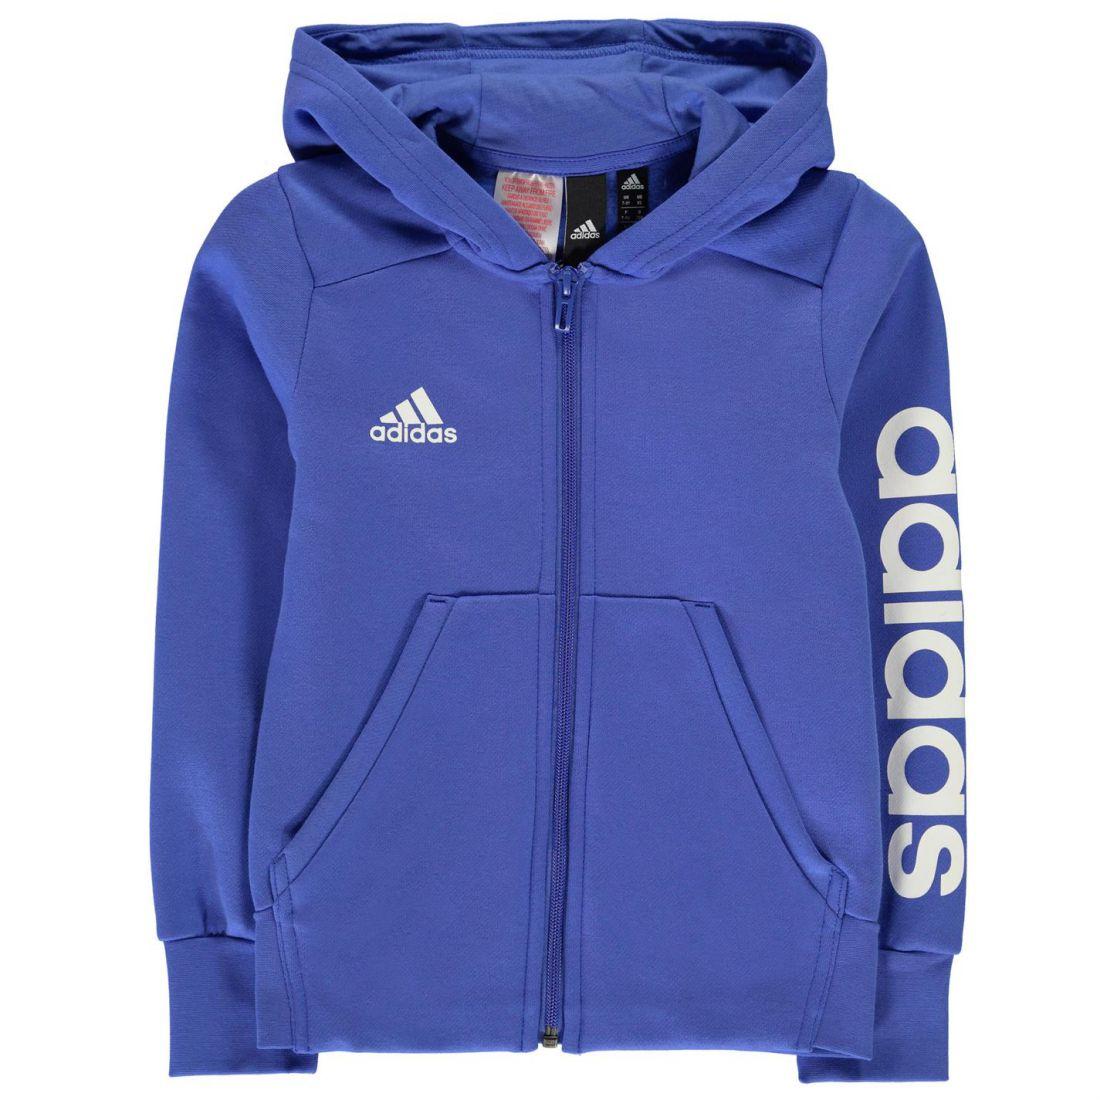 adidas Kids Girls Linear Zip Hoodie Junior Hoody Hooded Top Long ... d4750bccf528